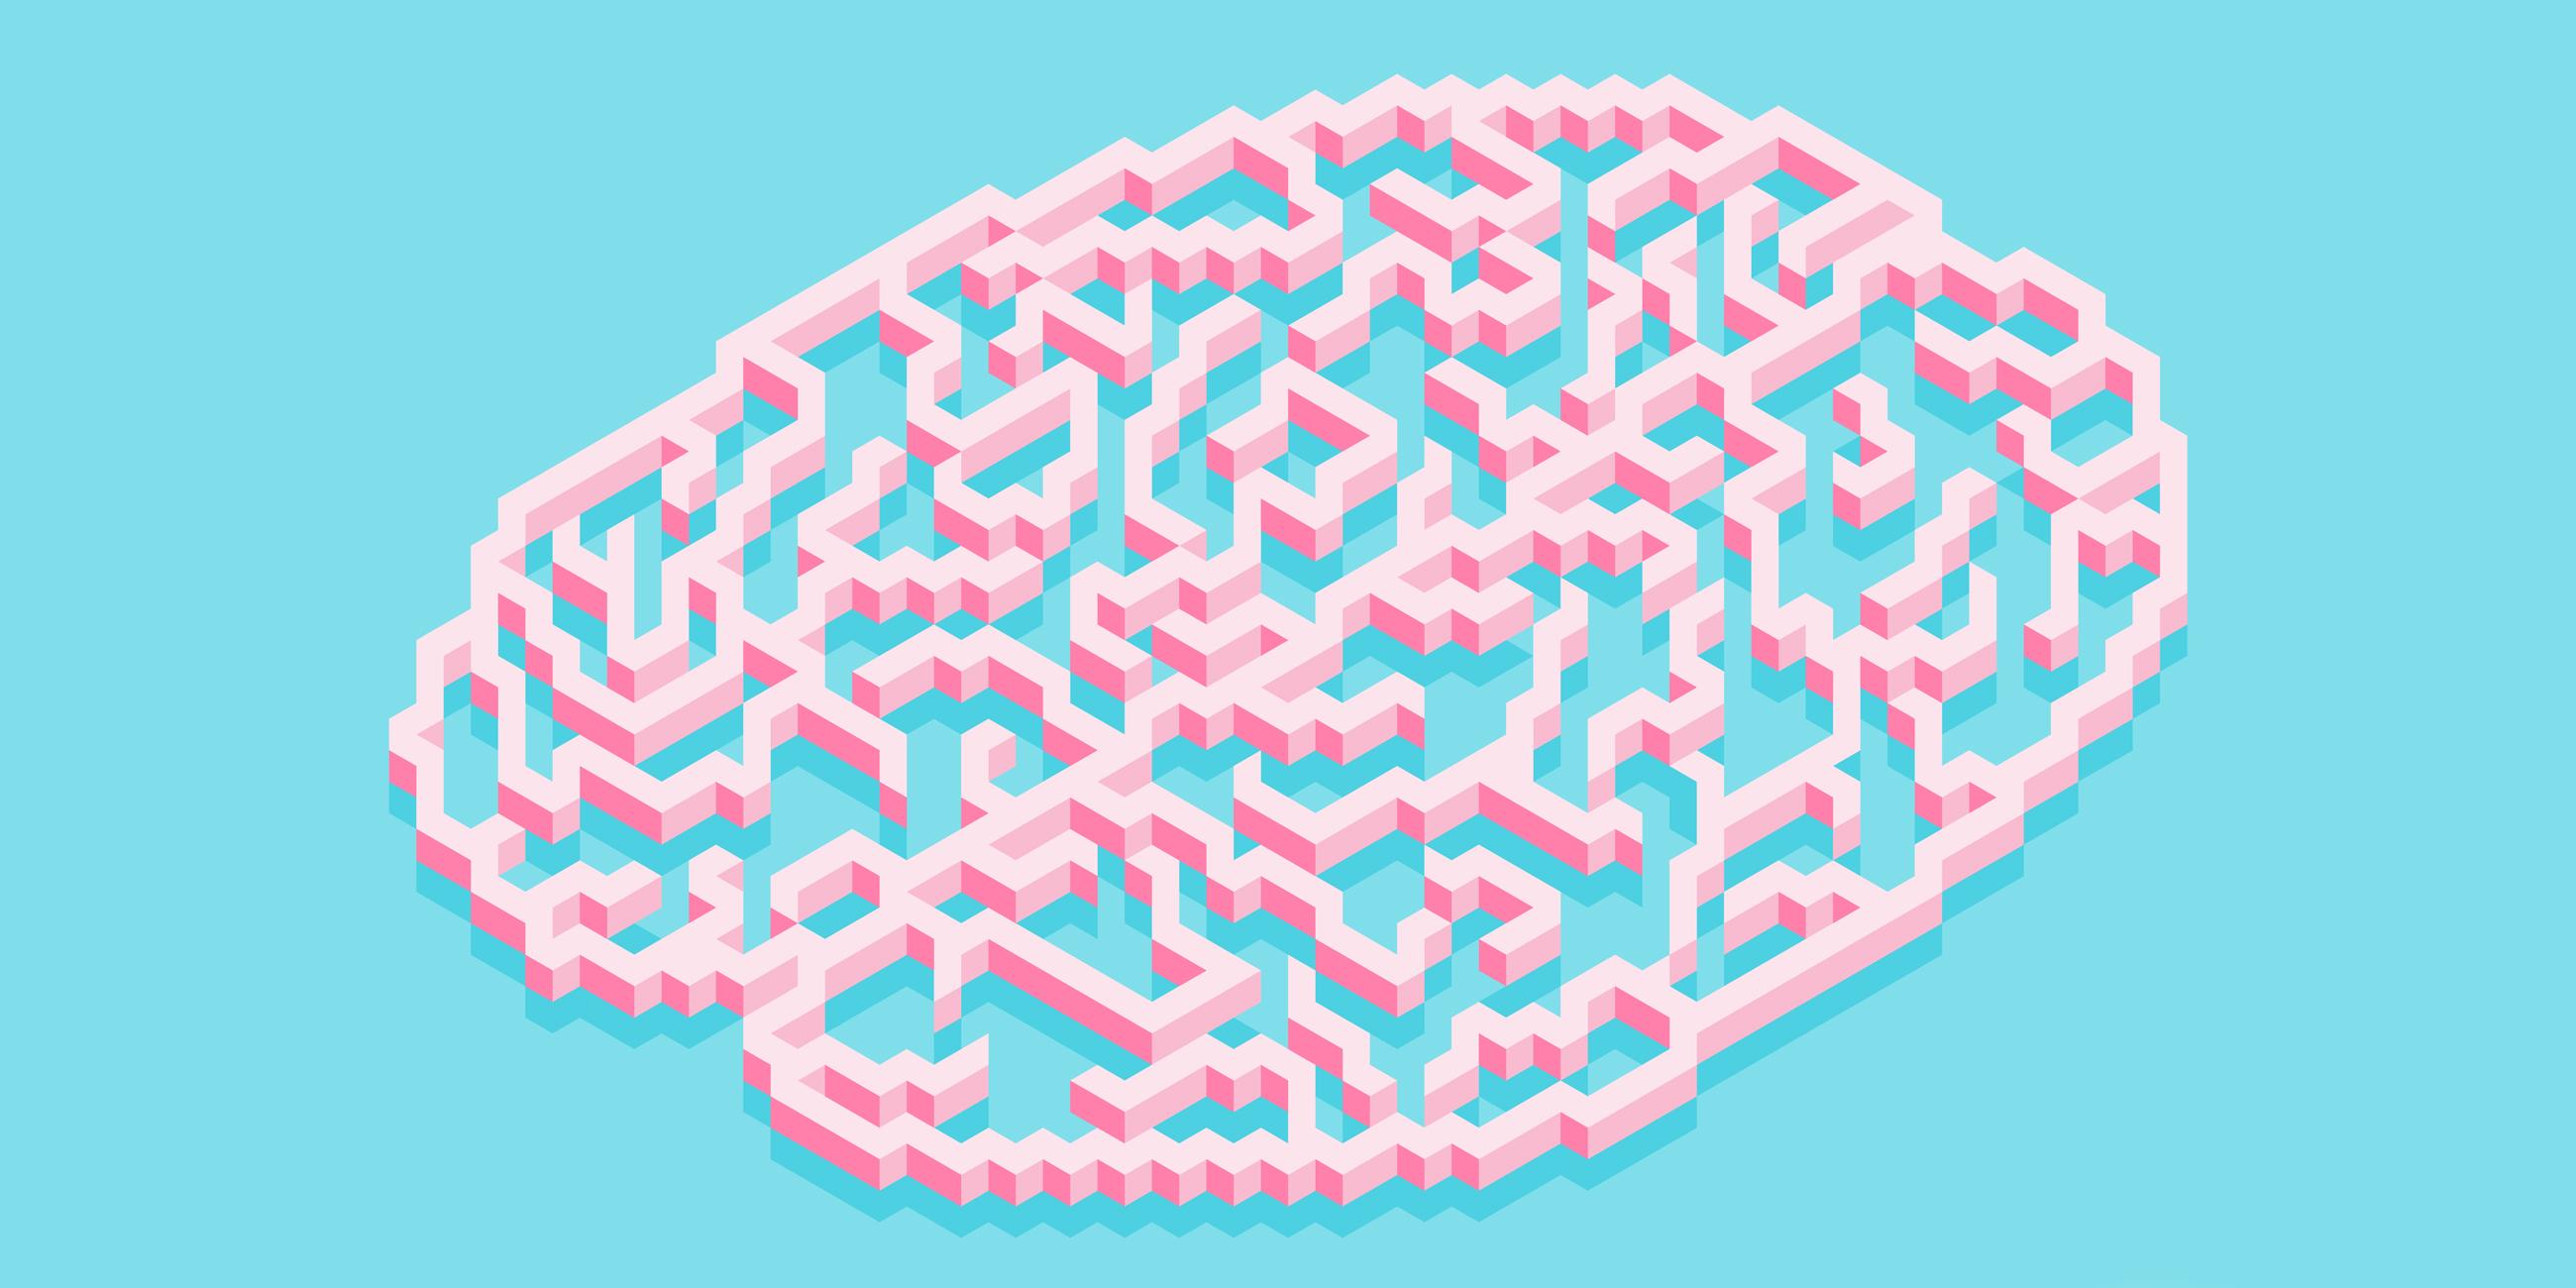 Искусственные нейронные сети выращивают навигационные клетки как в мозге